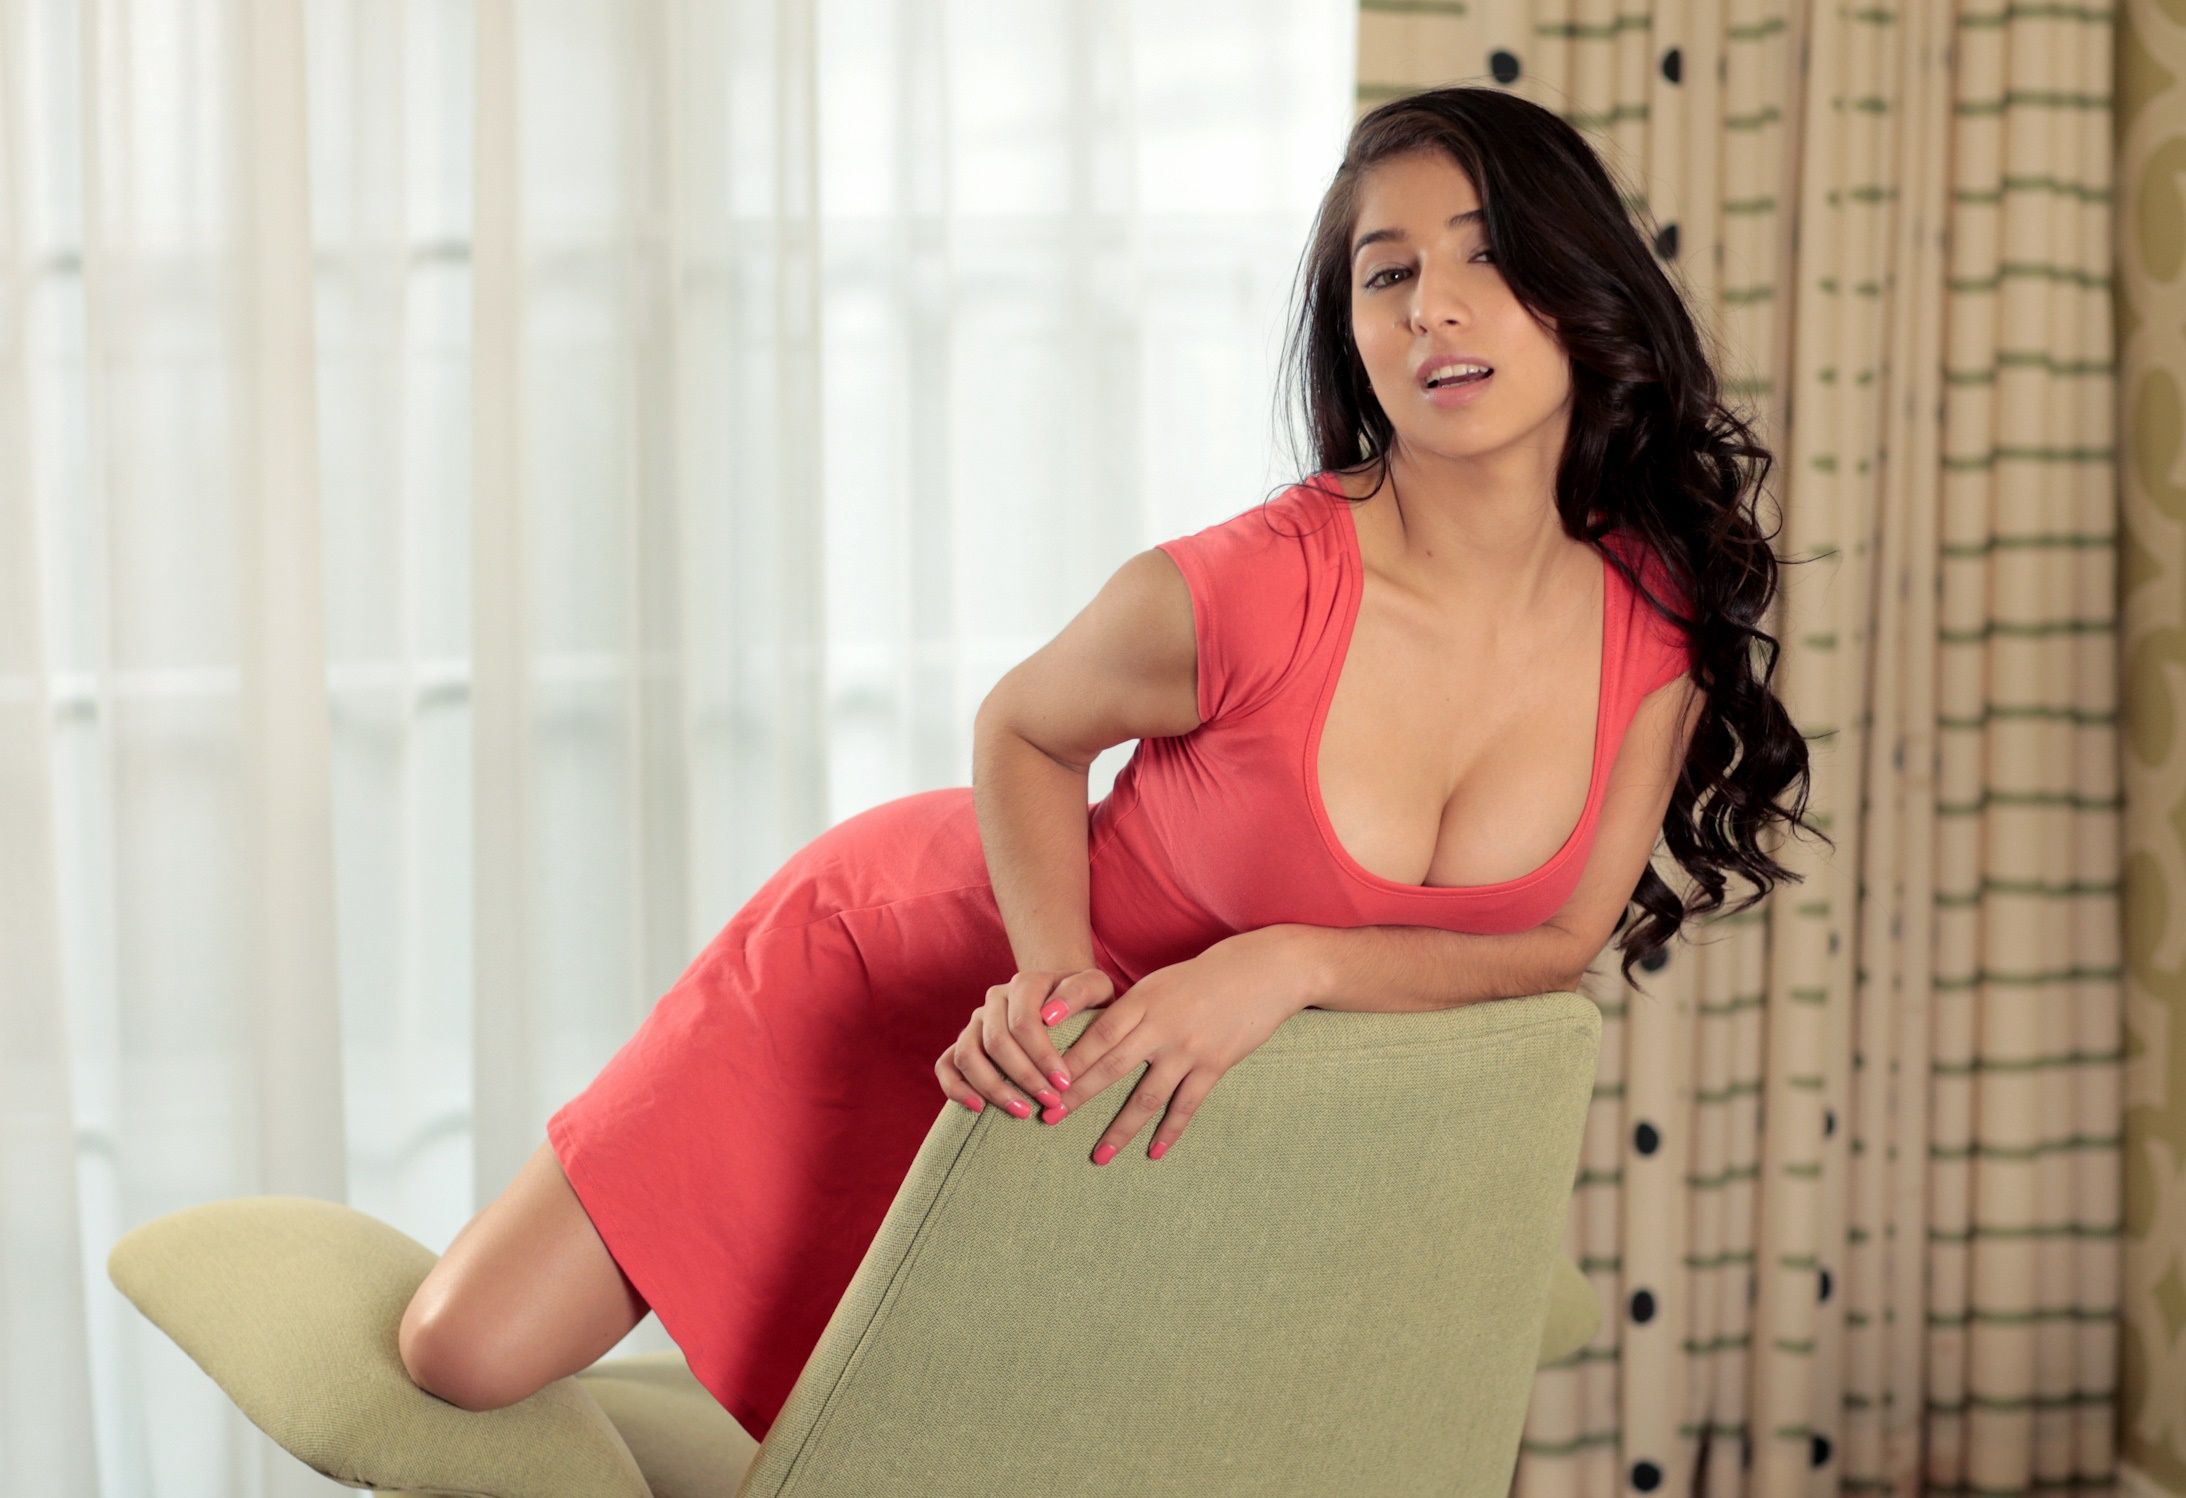 legszexisebb fekete lány pornó fekete tini pornó fasz